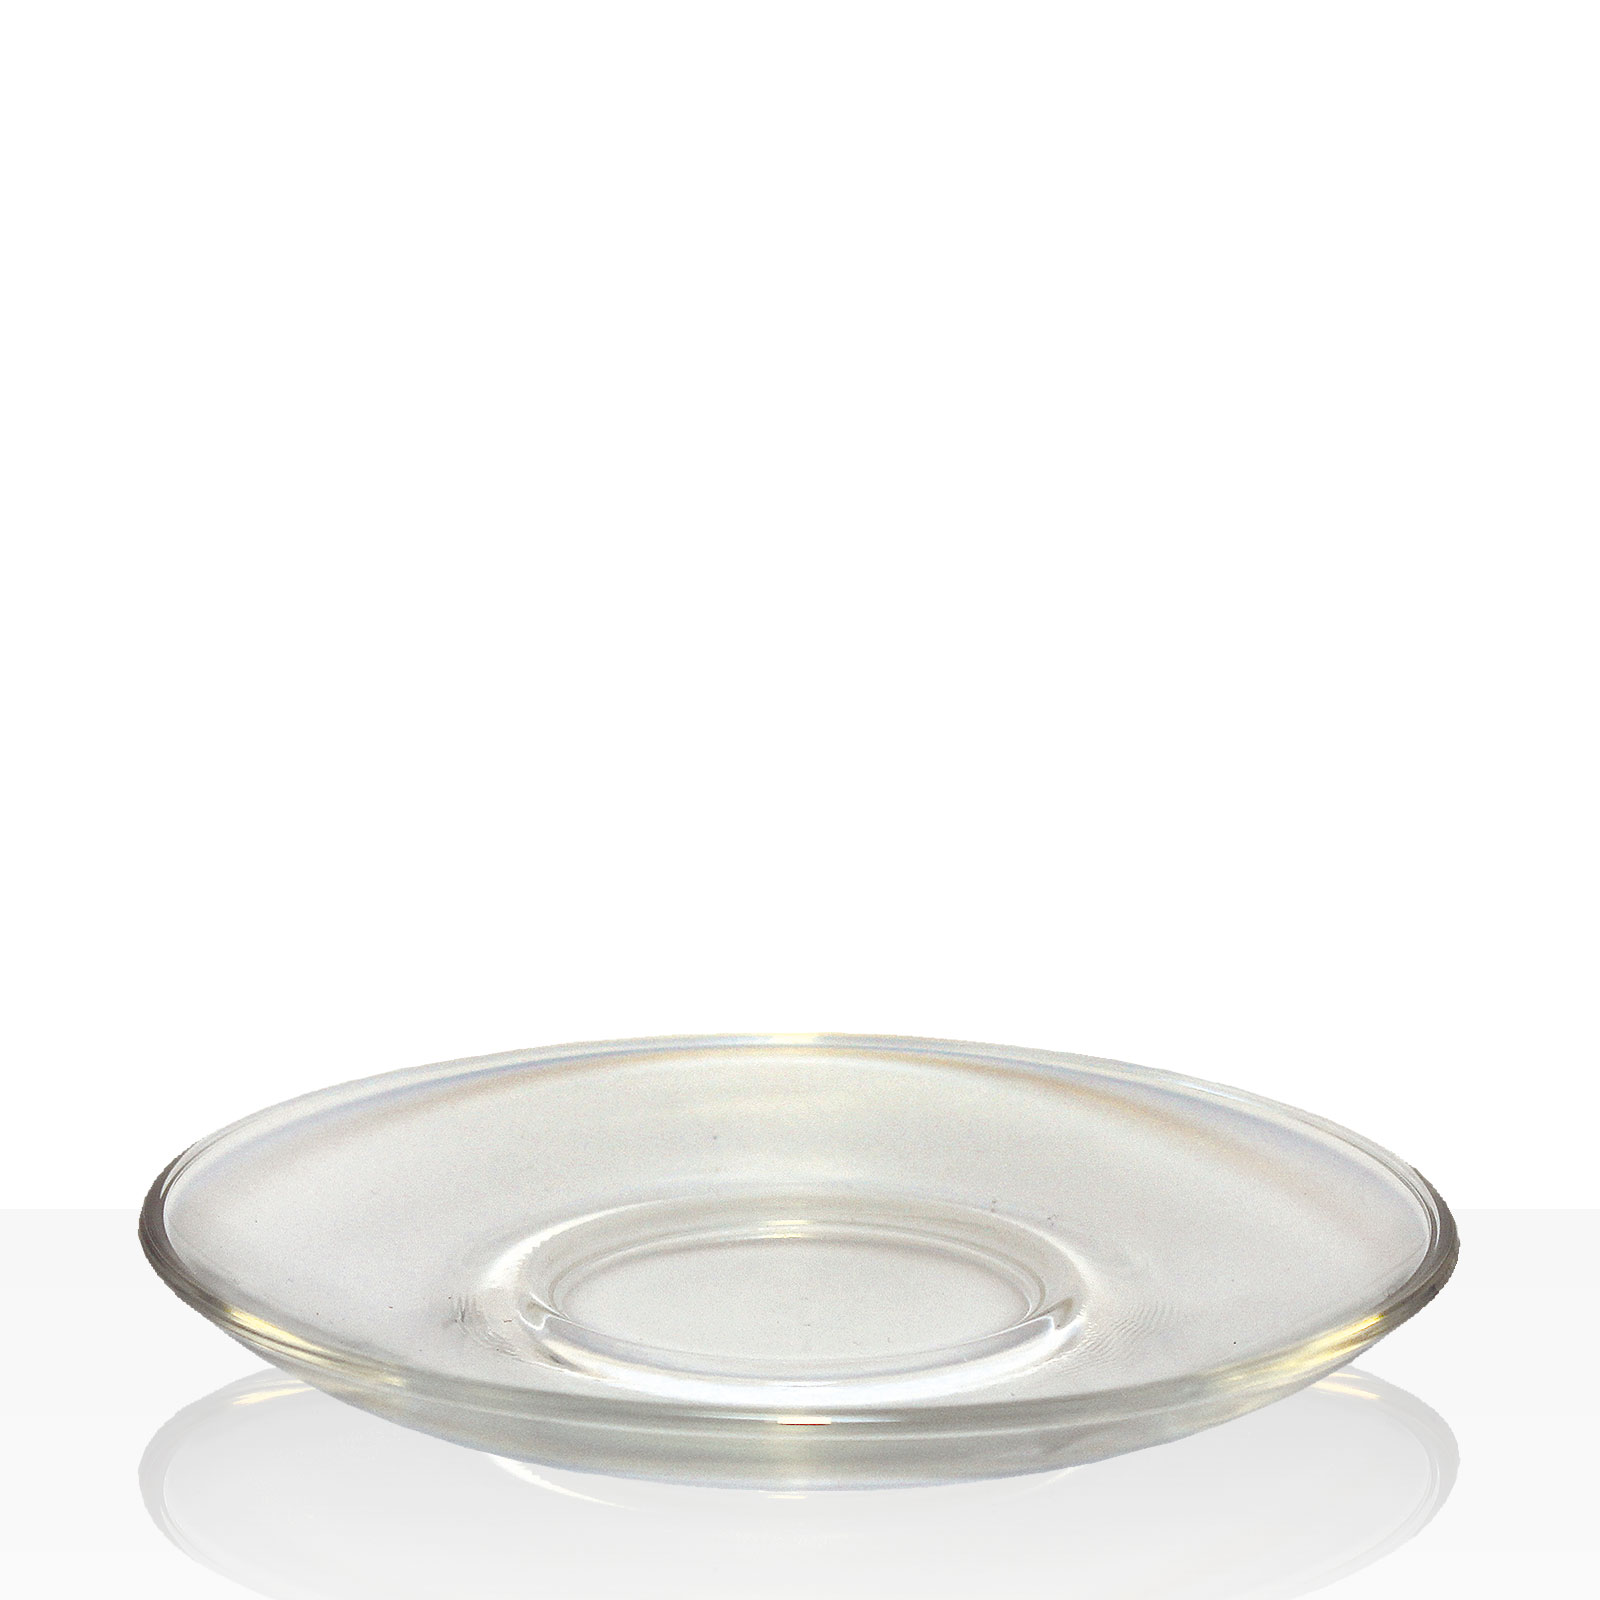 Tchibo Pure Unterteller für Tee-Glas 0,3l